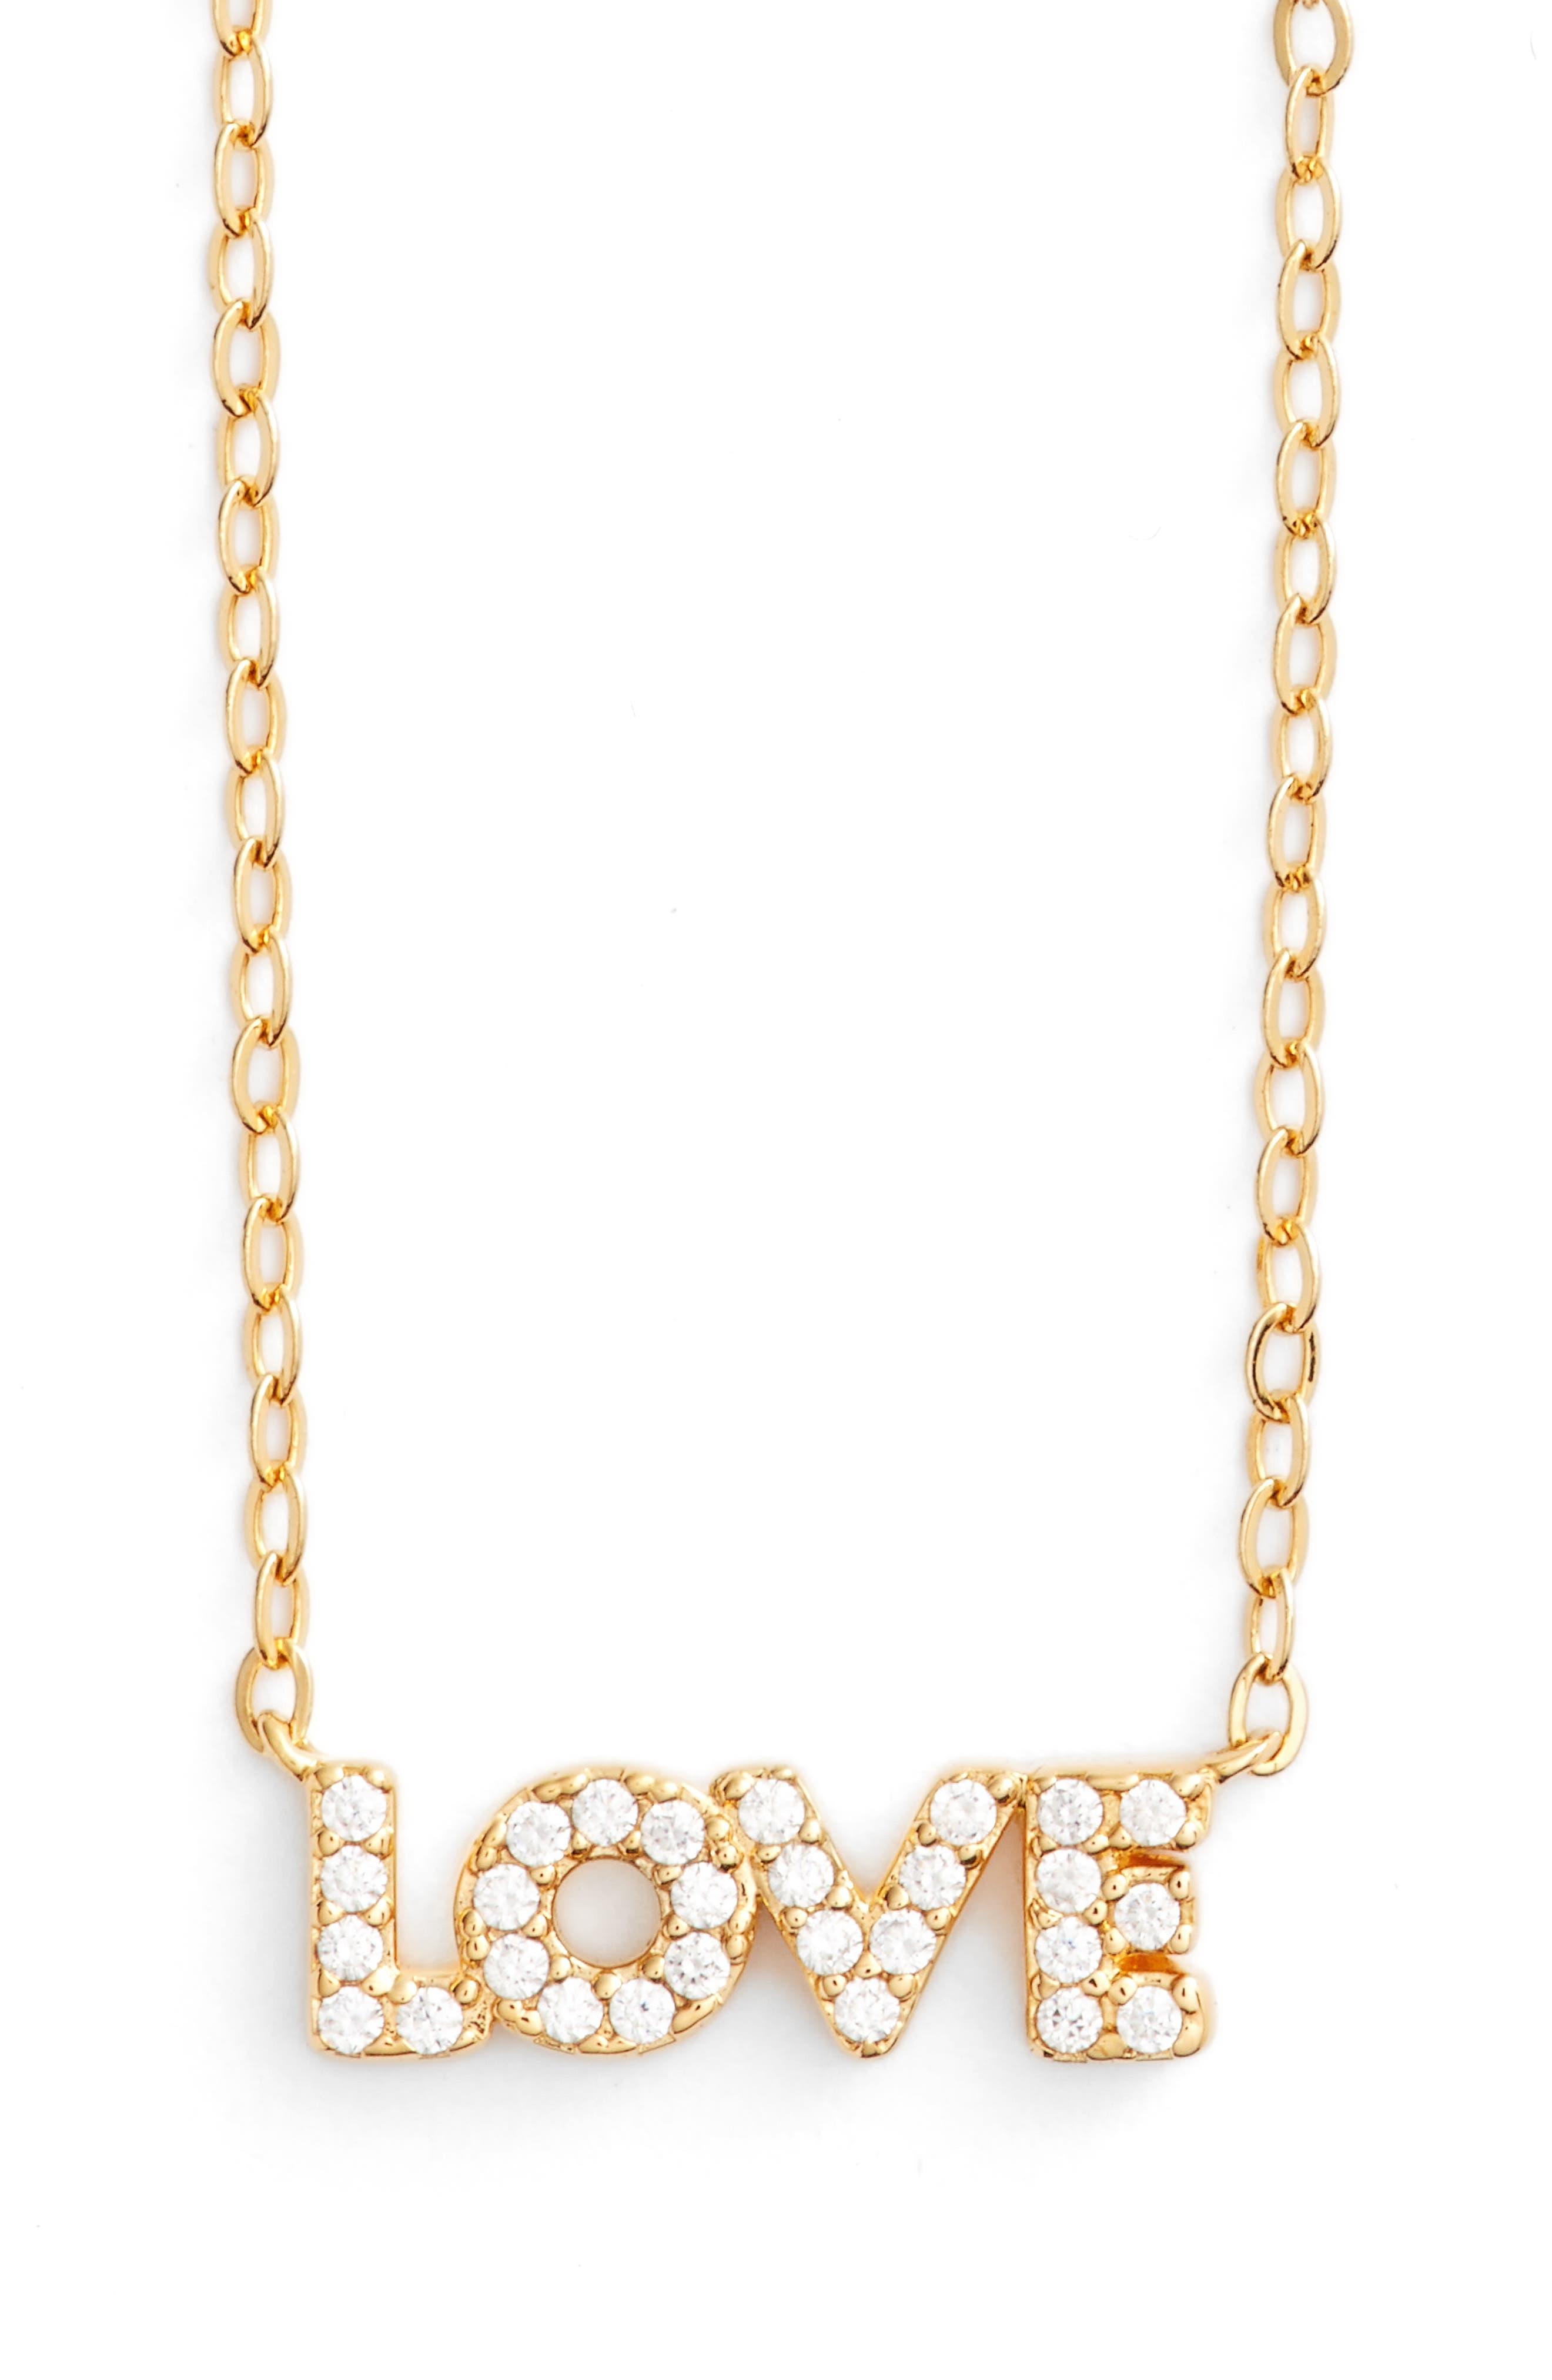 Sentimental Love Pendant Necklace,                             Main thumbnail 1, color,                             Gold